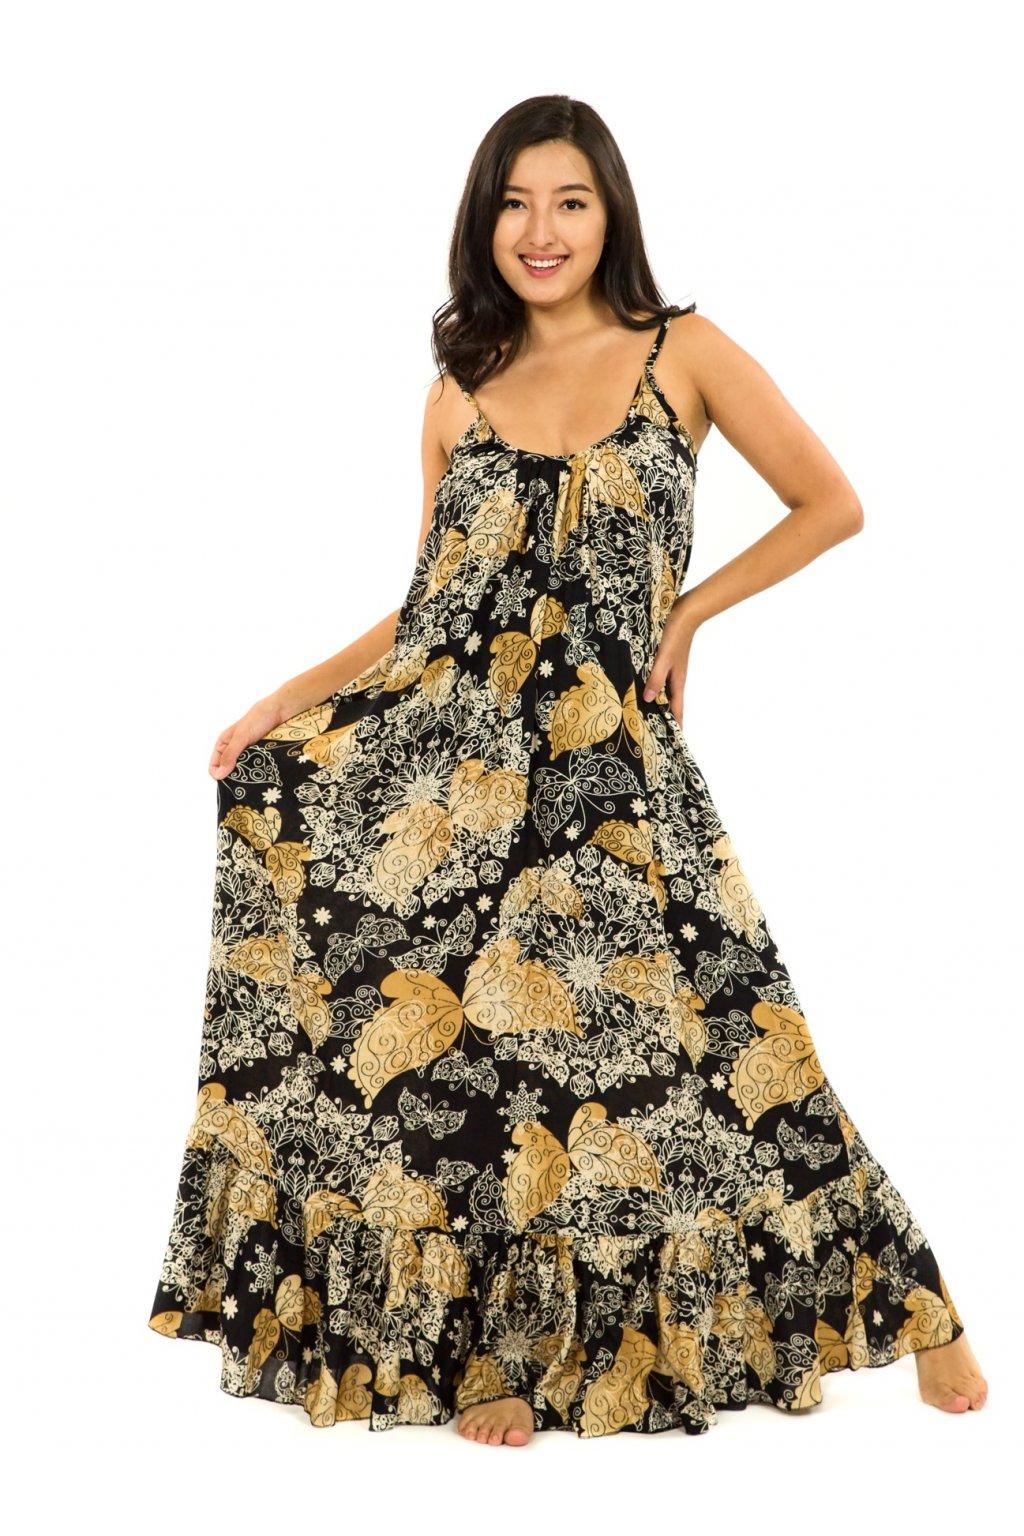 Vzdušné maxi šaty Butterfly - černá se zlatou